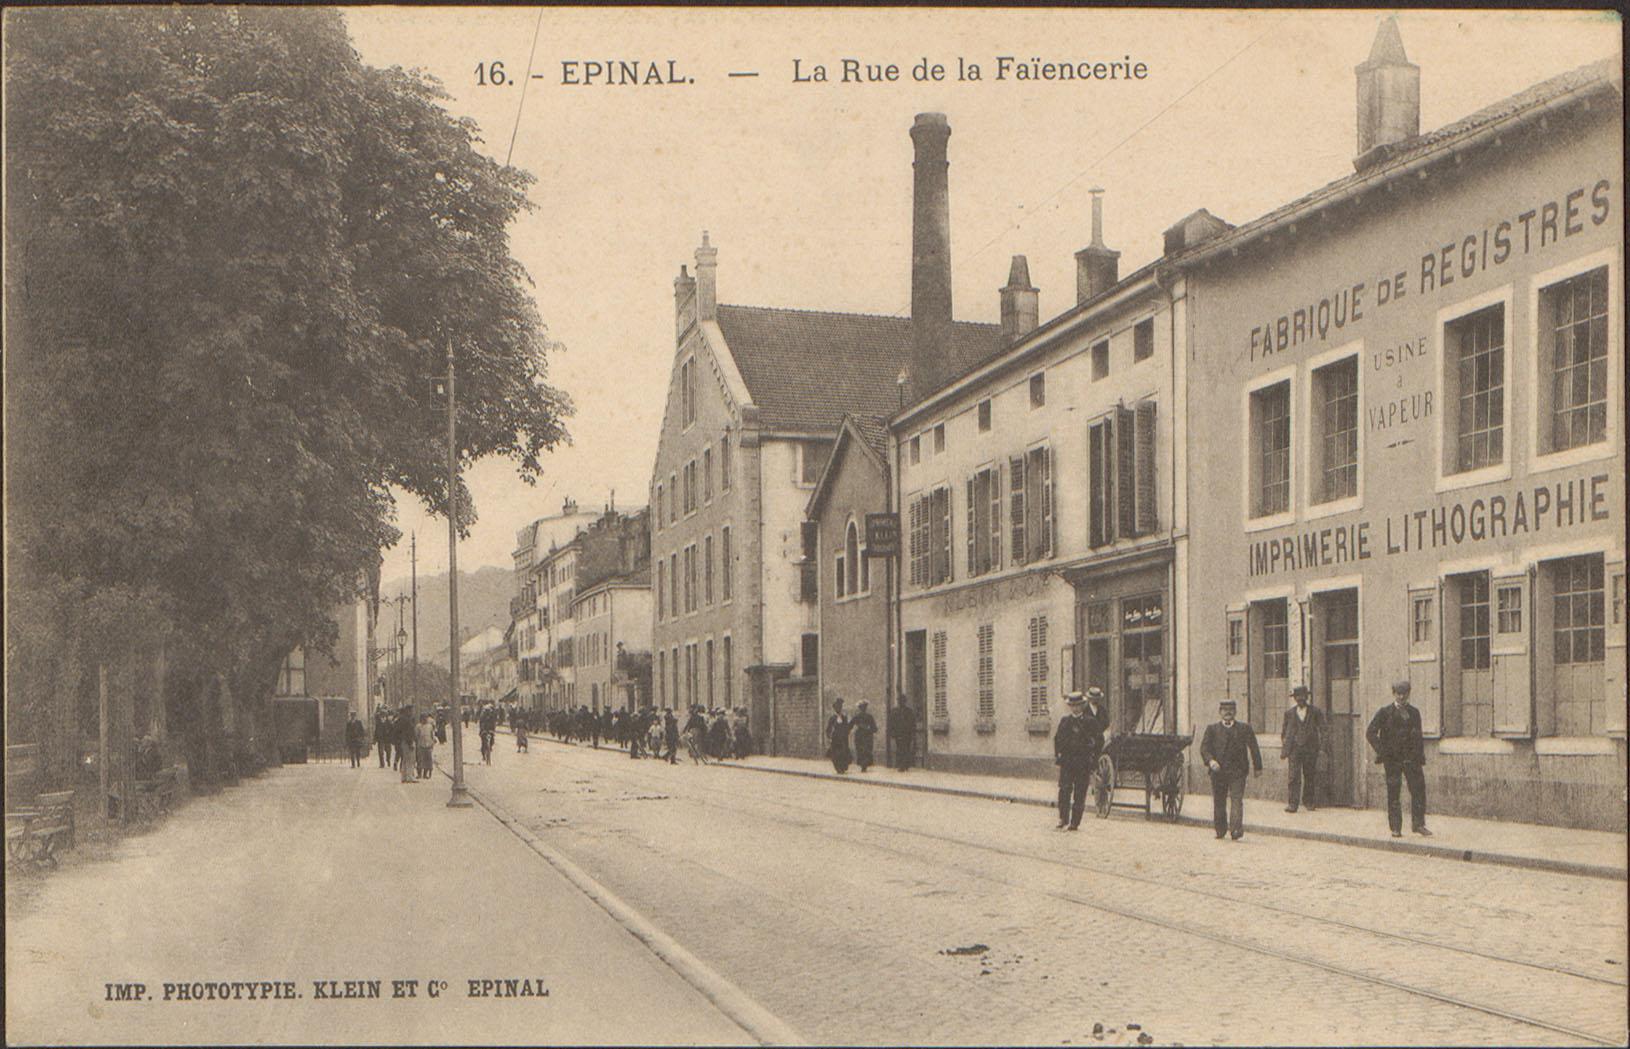 Contenu du Épinal, La Rue de la Faïencerie